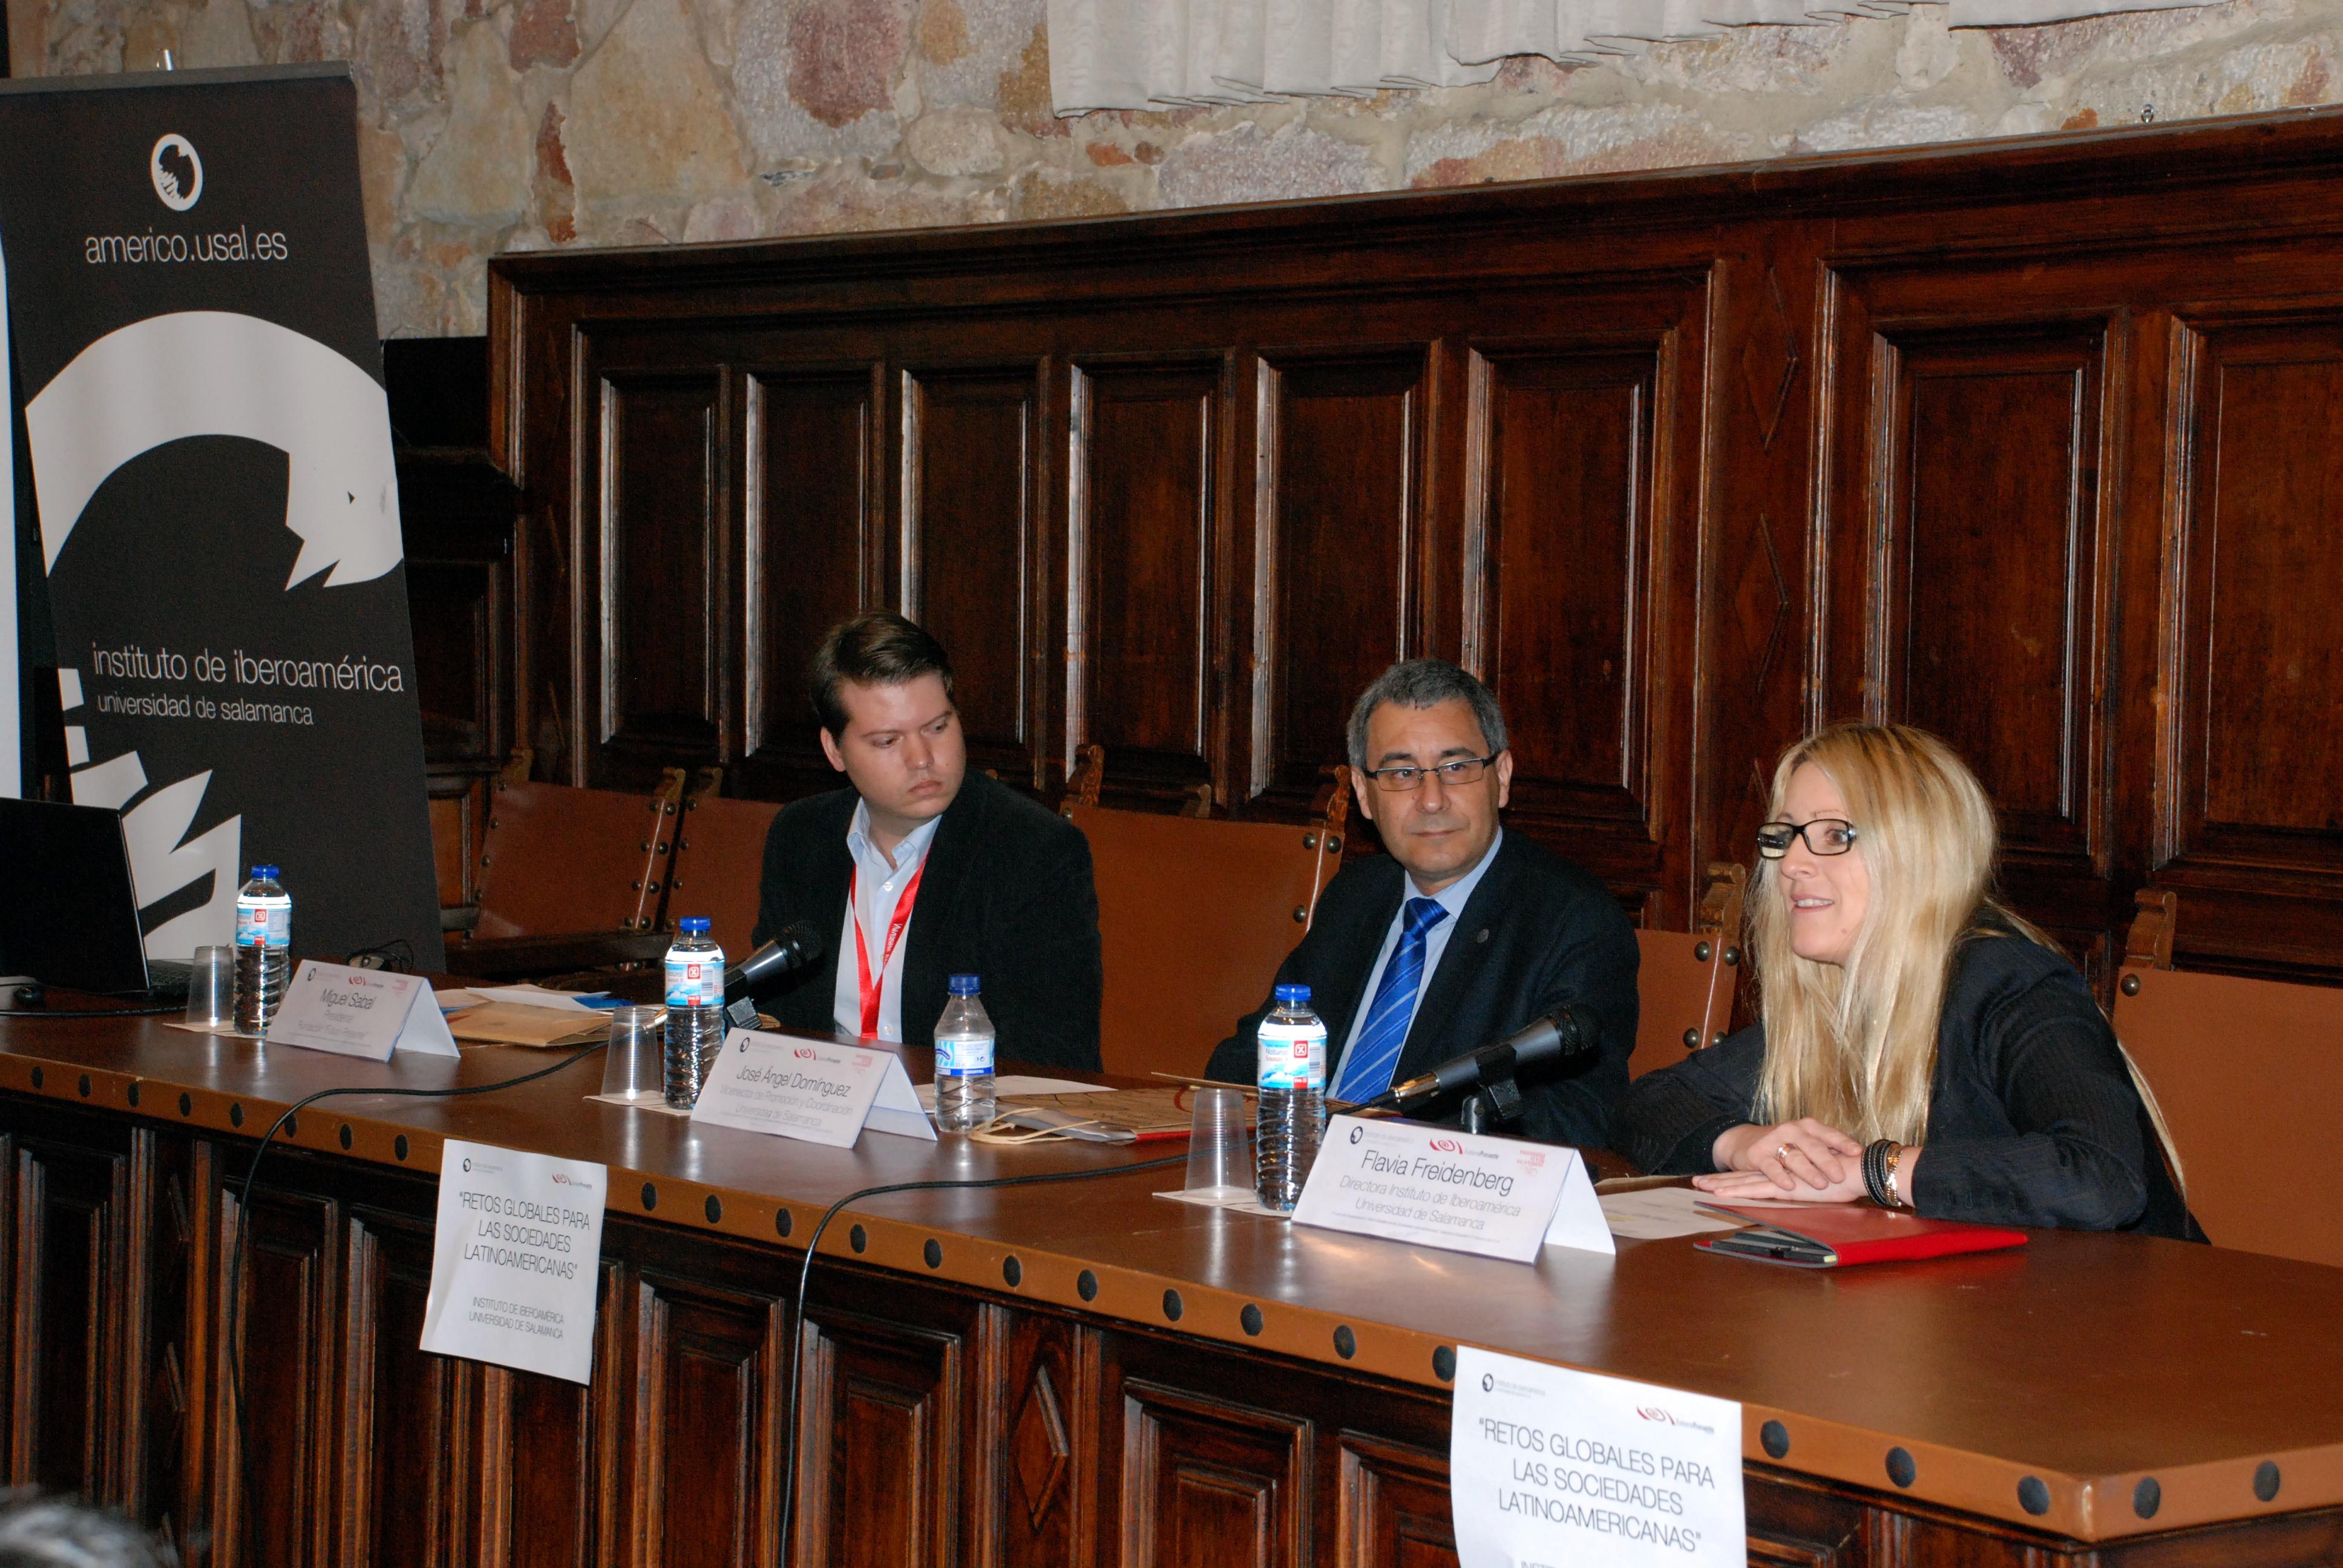 El vicerrector de Promoción y Coordinación inaugura el curso 'Retos globales para las sociedades latinoamericanas'